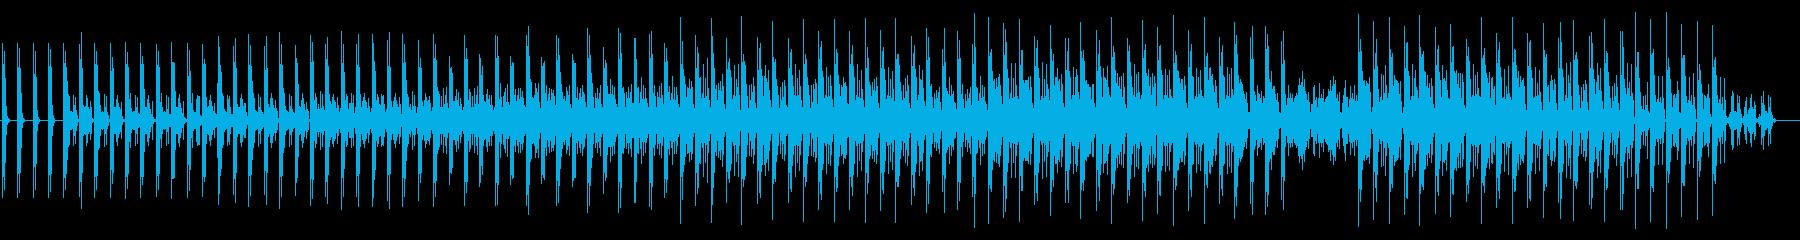 劇伴 緊迫感のあるミニマルテクノの再生済みの波形